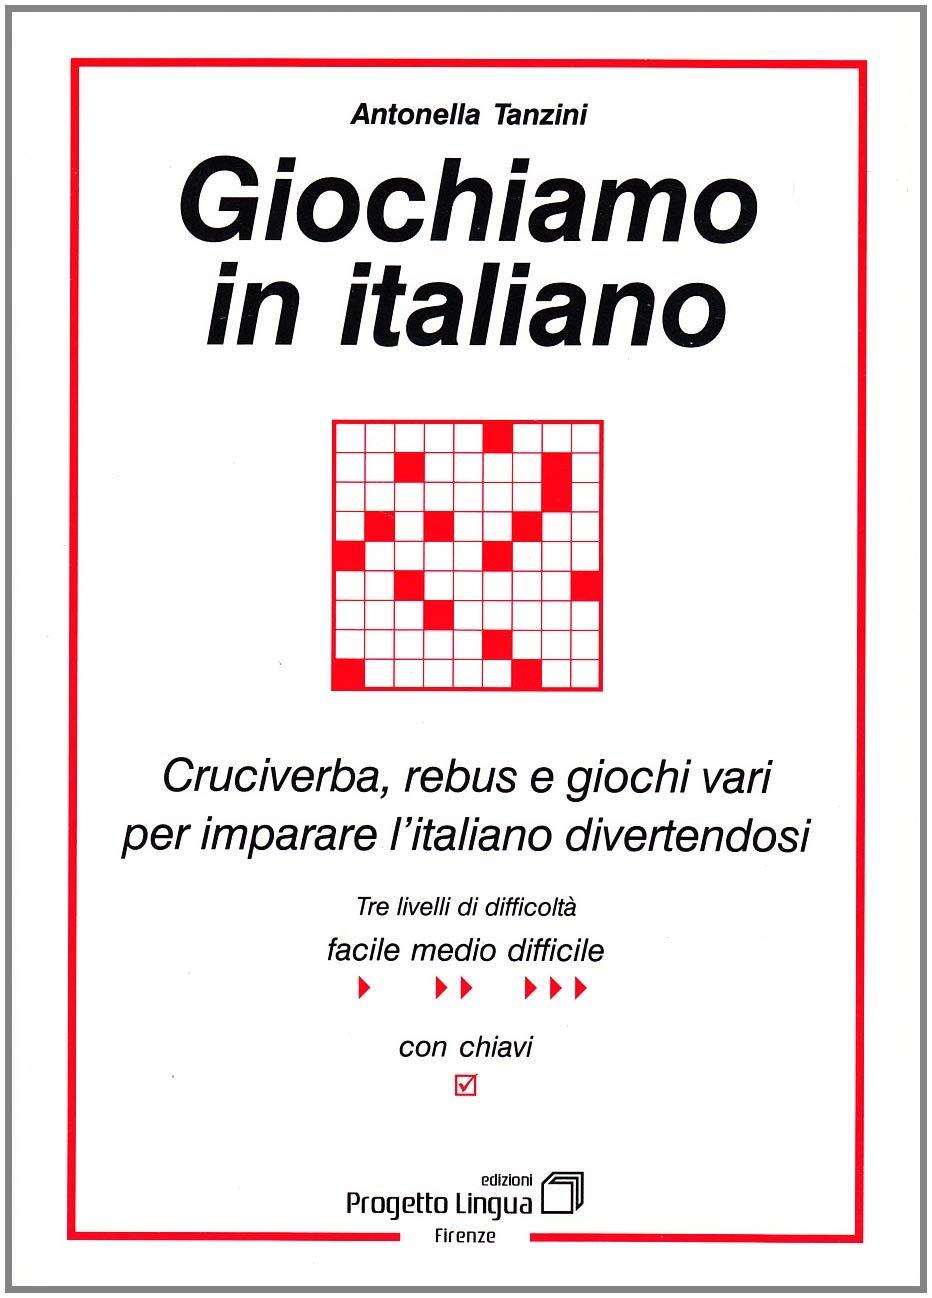 Giochiamo in italiano. Cruciverba, rebus e giochi vari per imparare l'italiano divertendosi